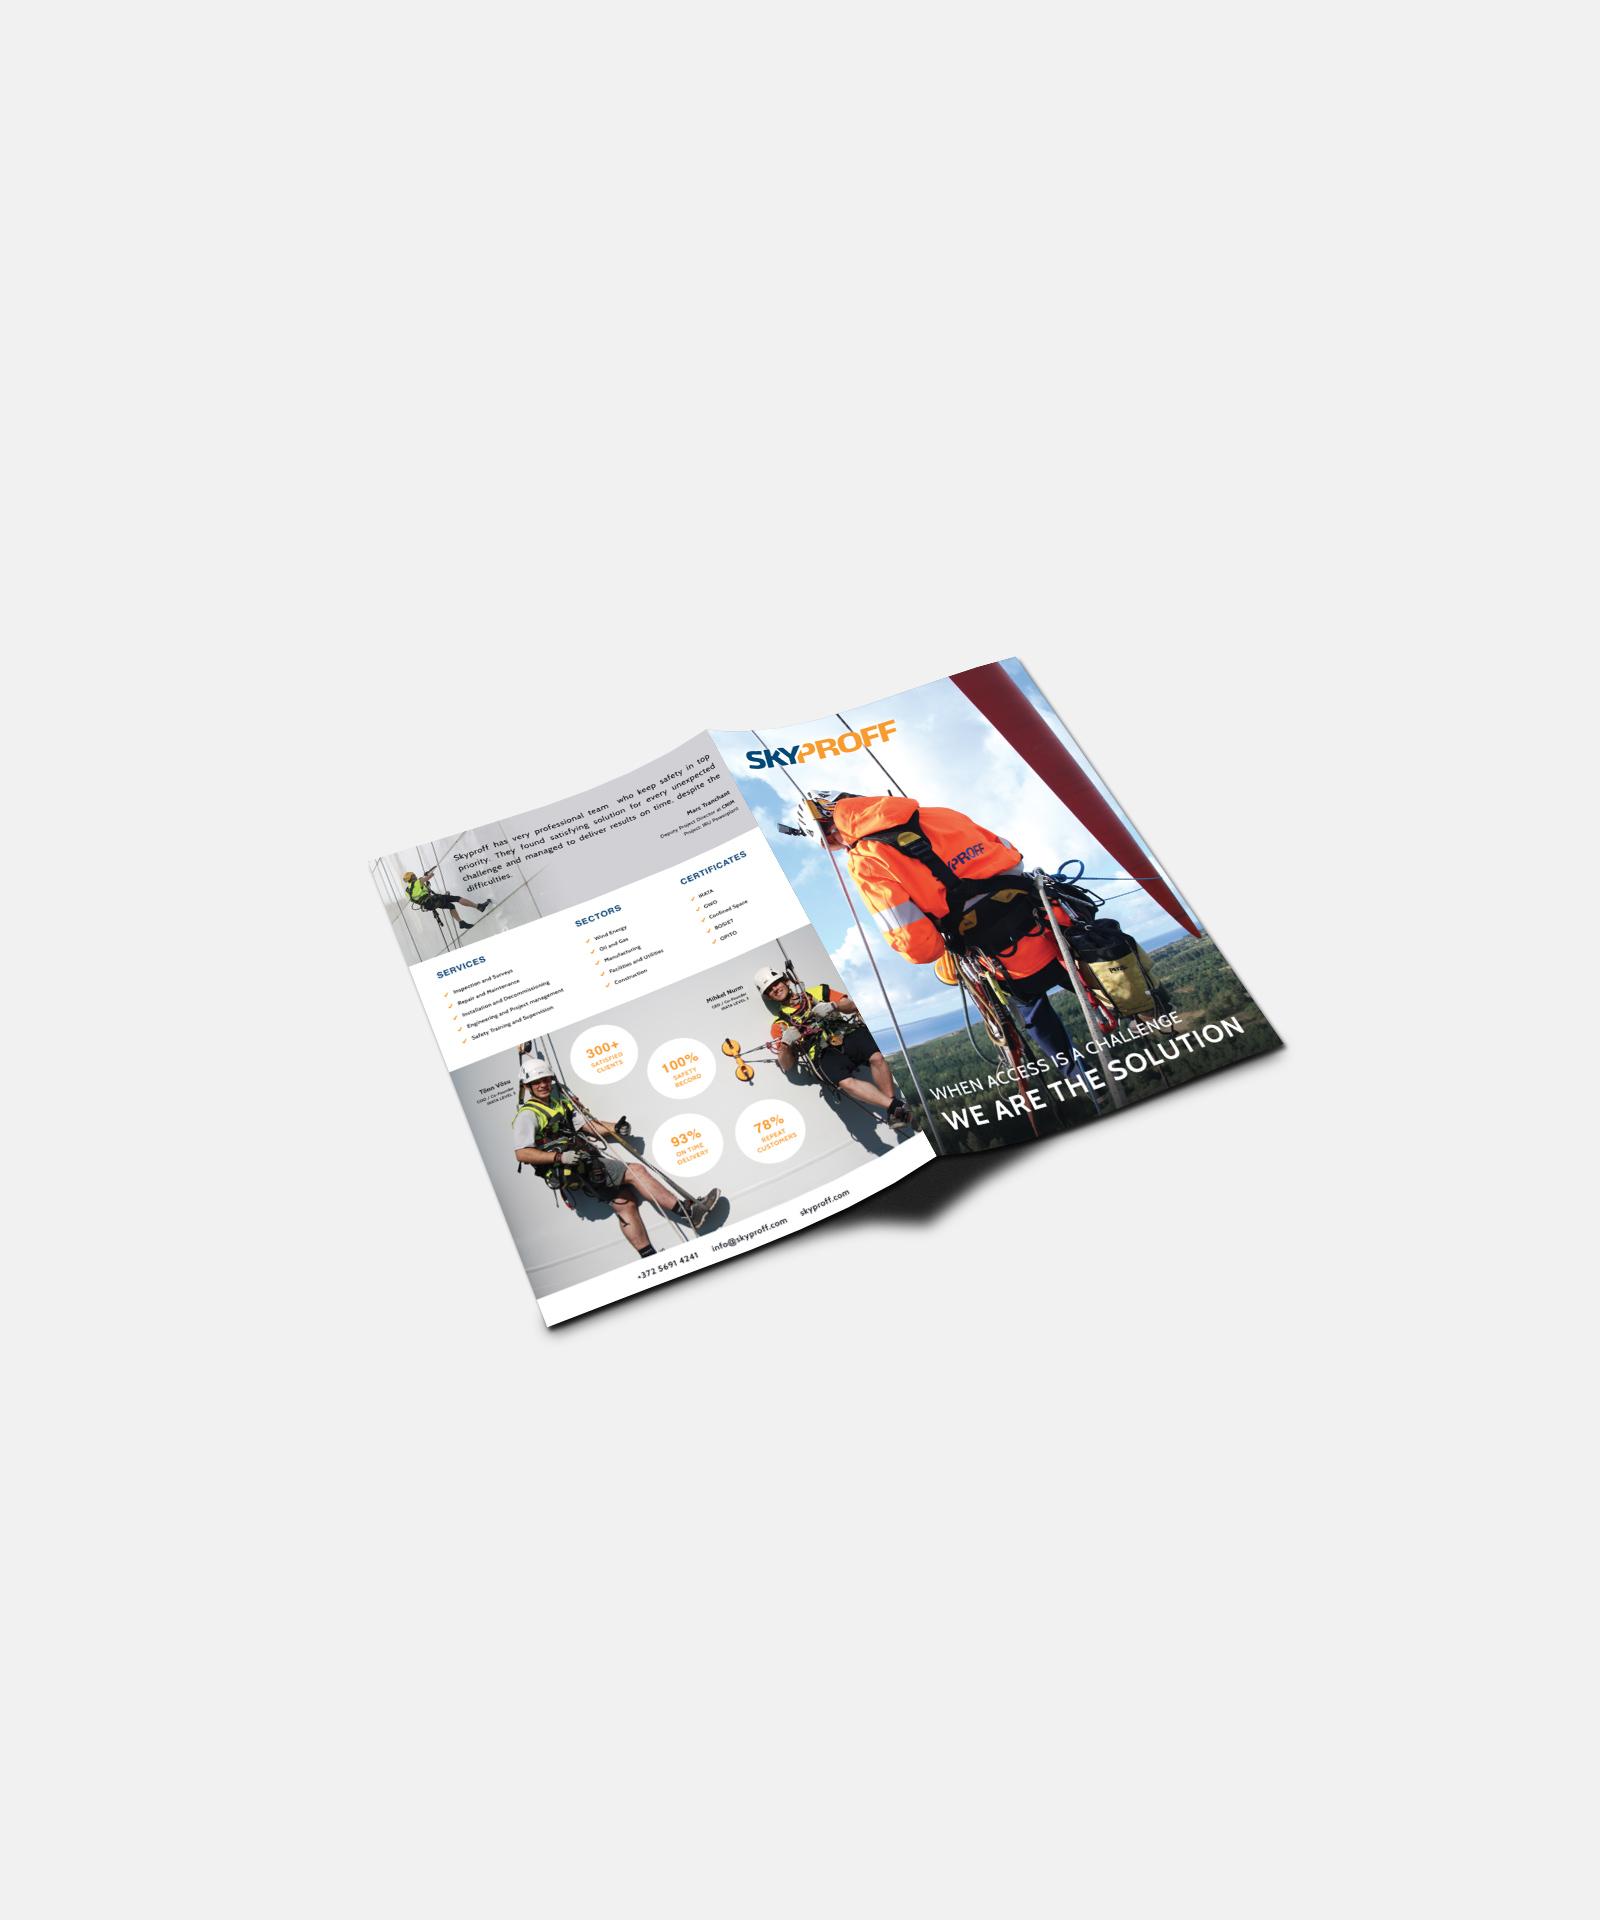 Manimal loi esitteen designin ja sommittelun Skyproffille.